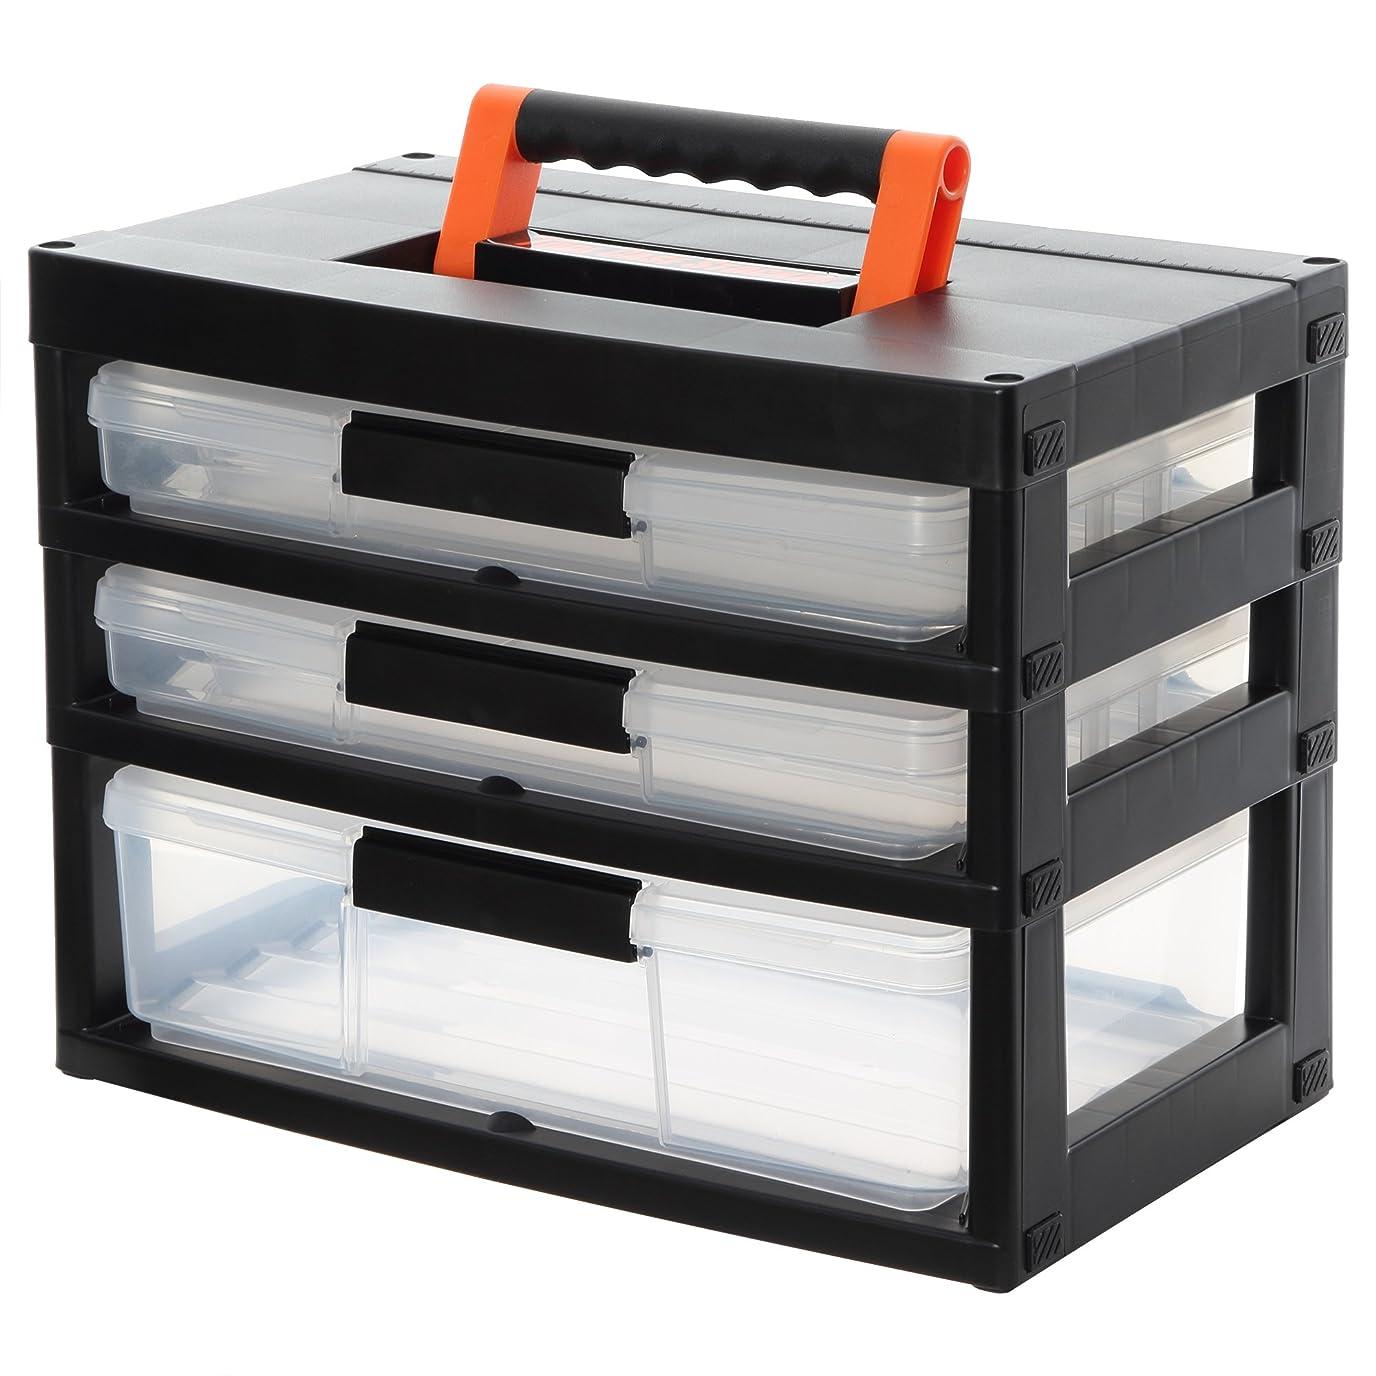 立方体キノコエリートアイリスオーヤマ 職人の車載ラック専用 工具箱 ツールケースストッカー ブラック/オレンジ TCR-421